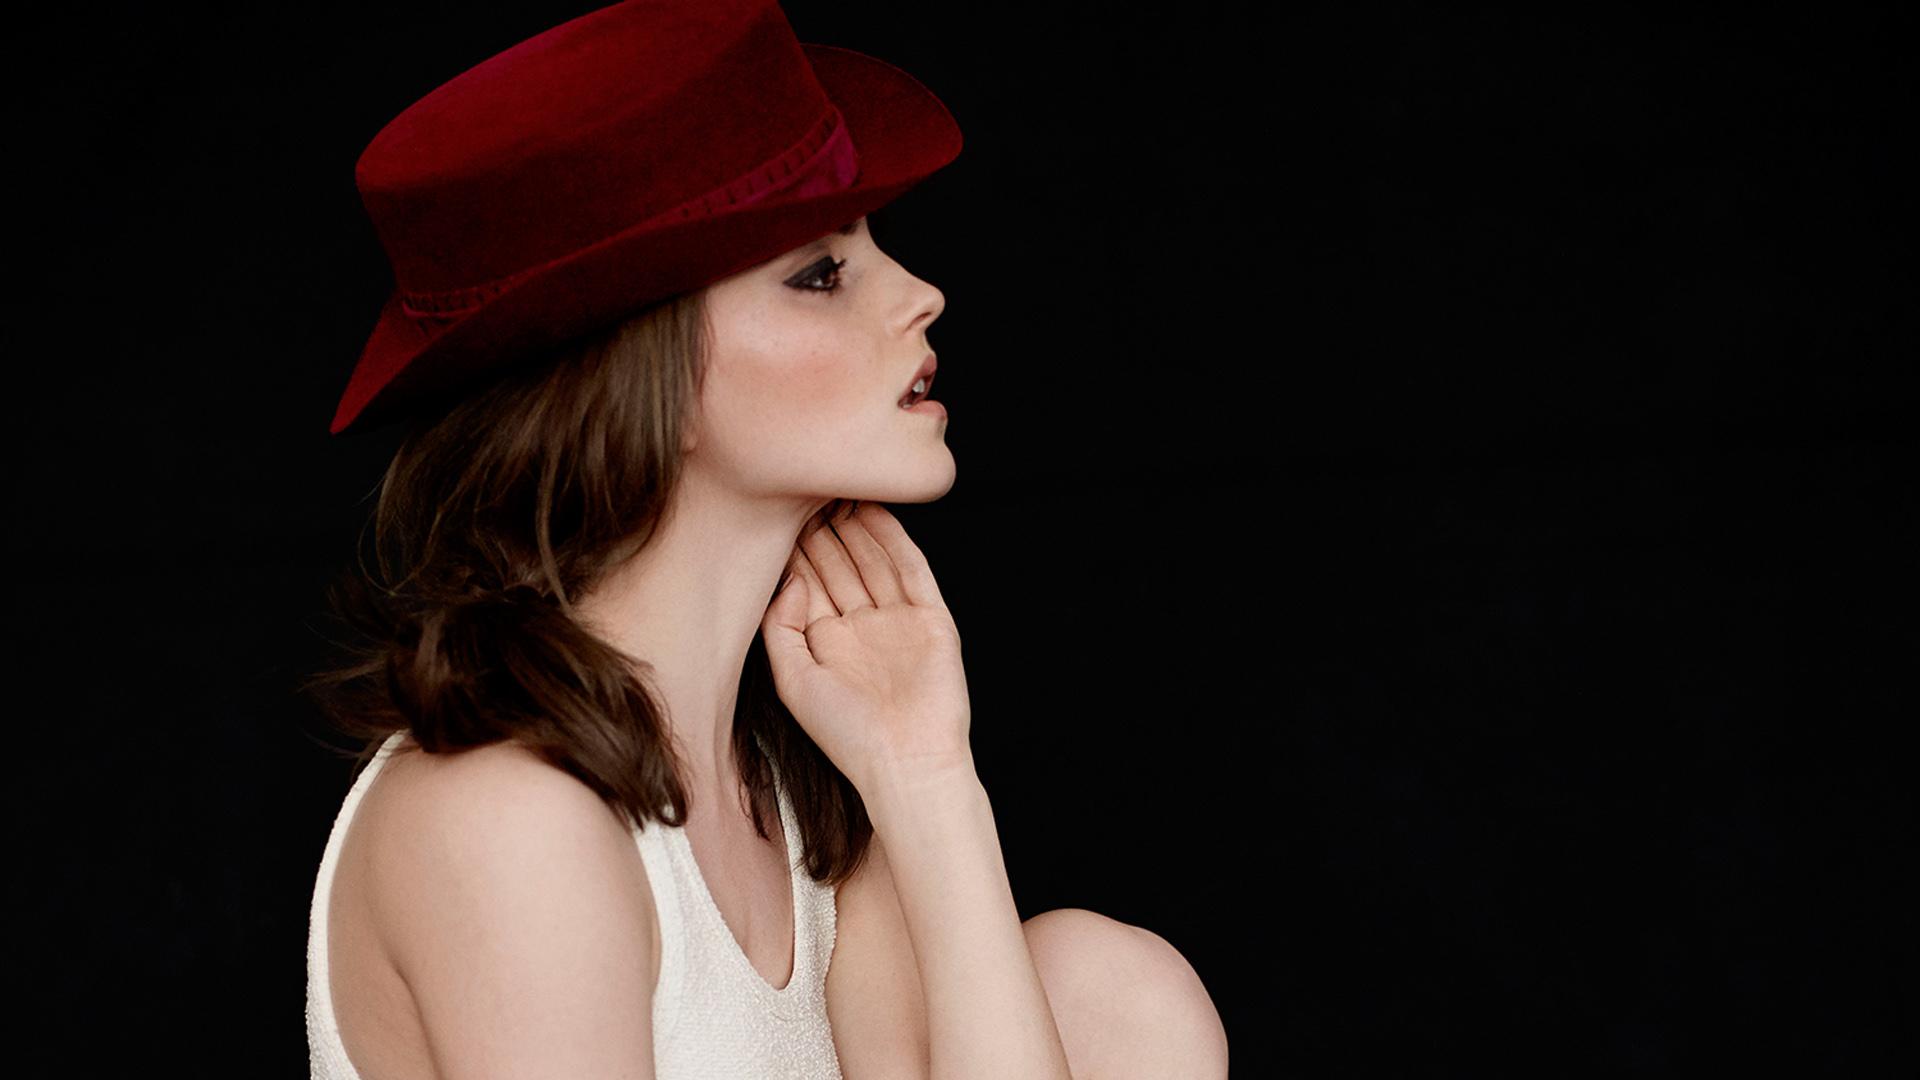 Emma Watson Hot Wallpaper - Emma Watson Elle Us 2014 , HD Wallpaper & Backgrounds